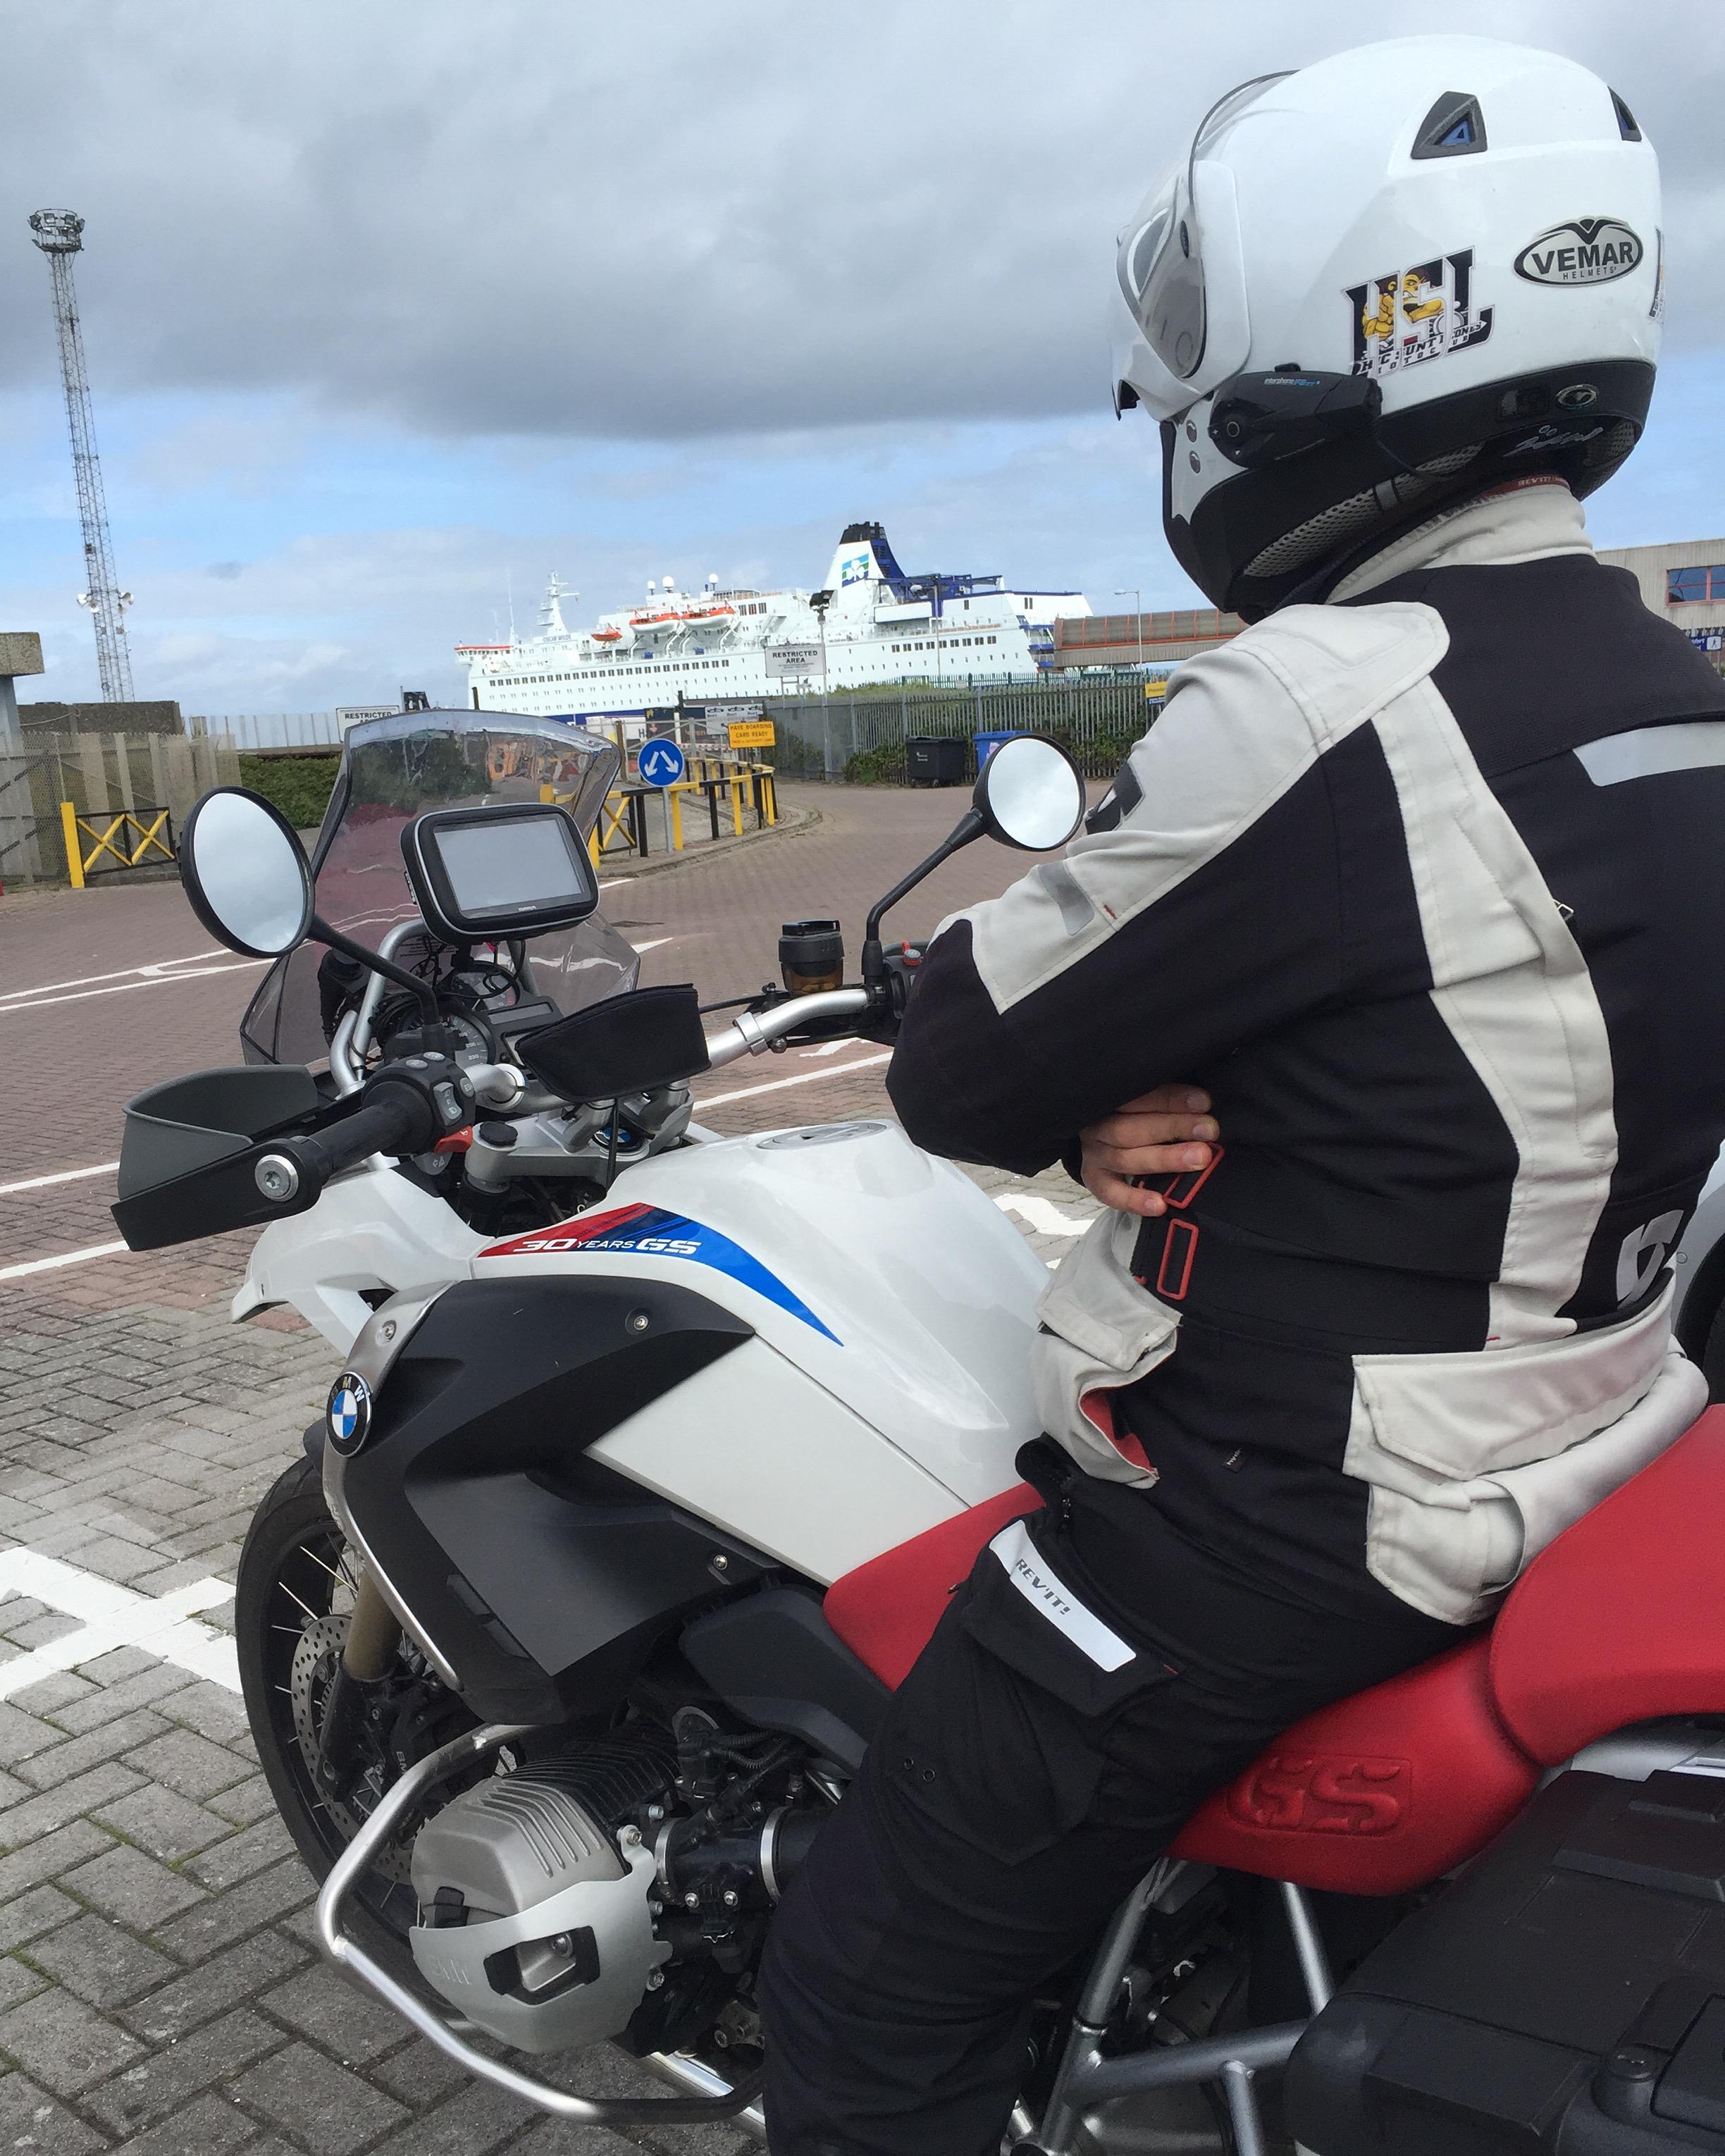 Viaggio in moto in IRLANDA MariannaMartini e Andrea Il nostro viaggio in Irlanda 04